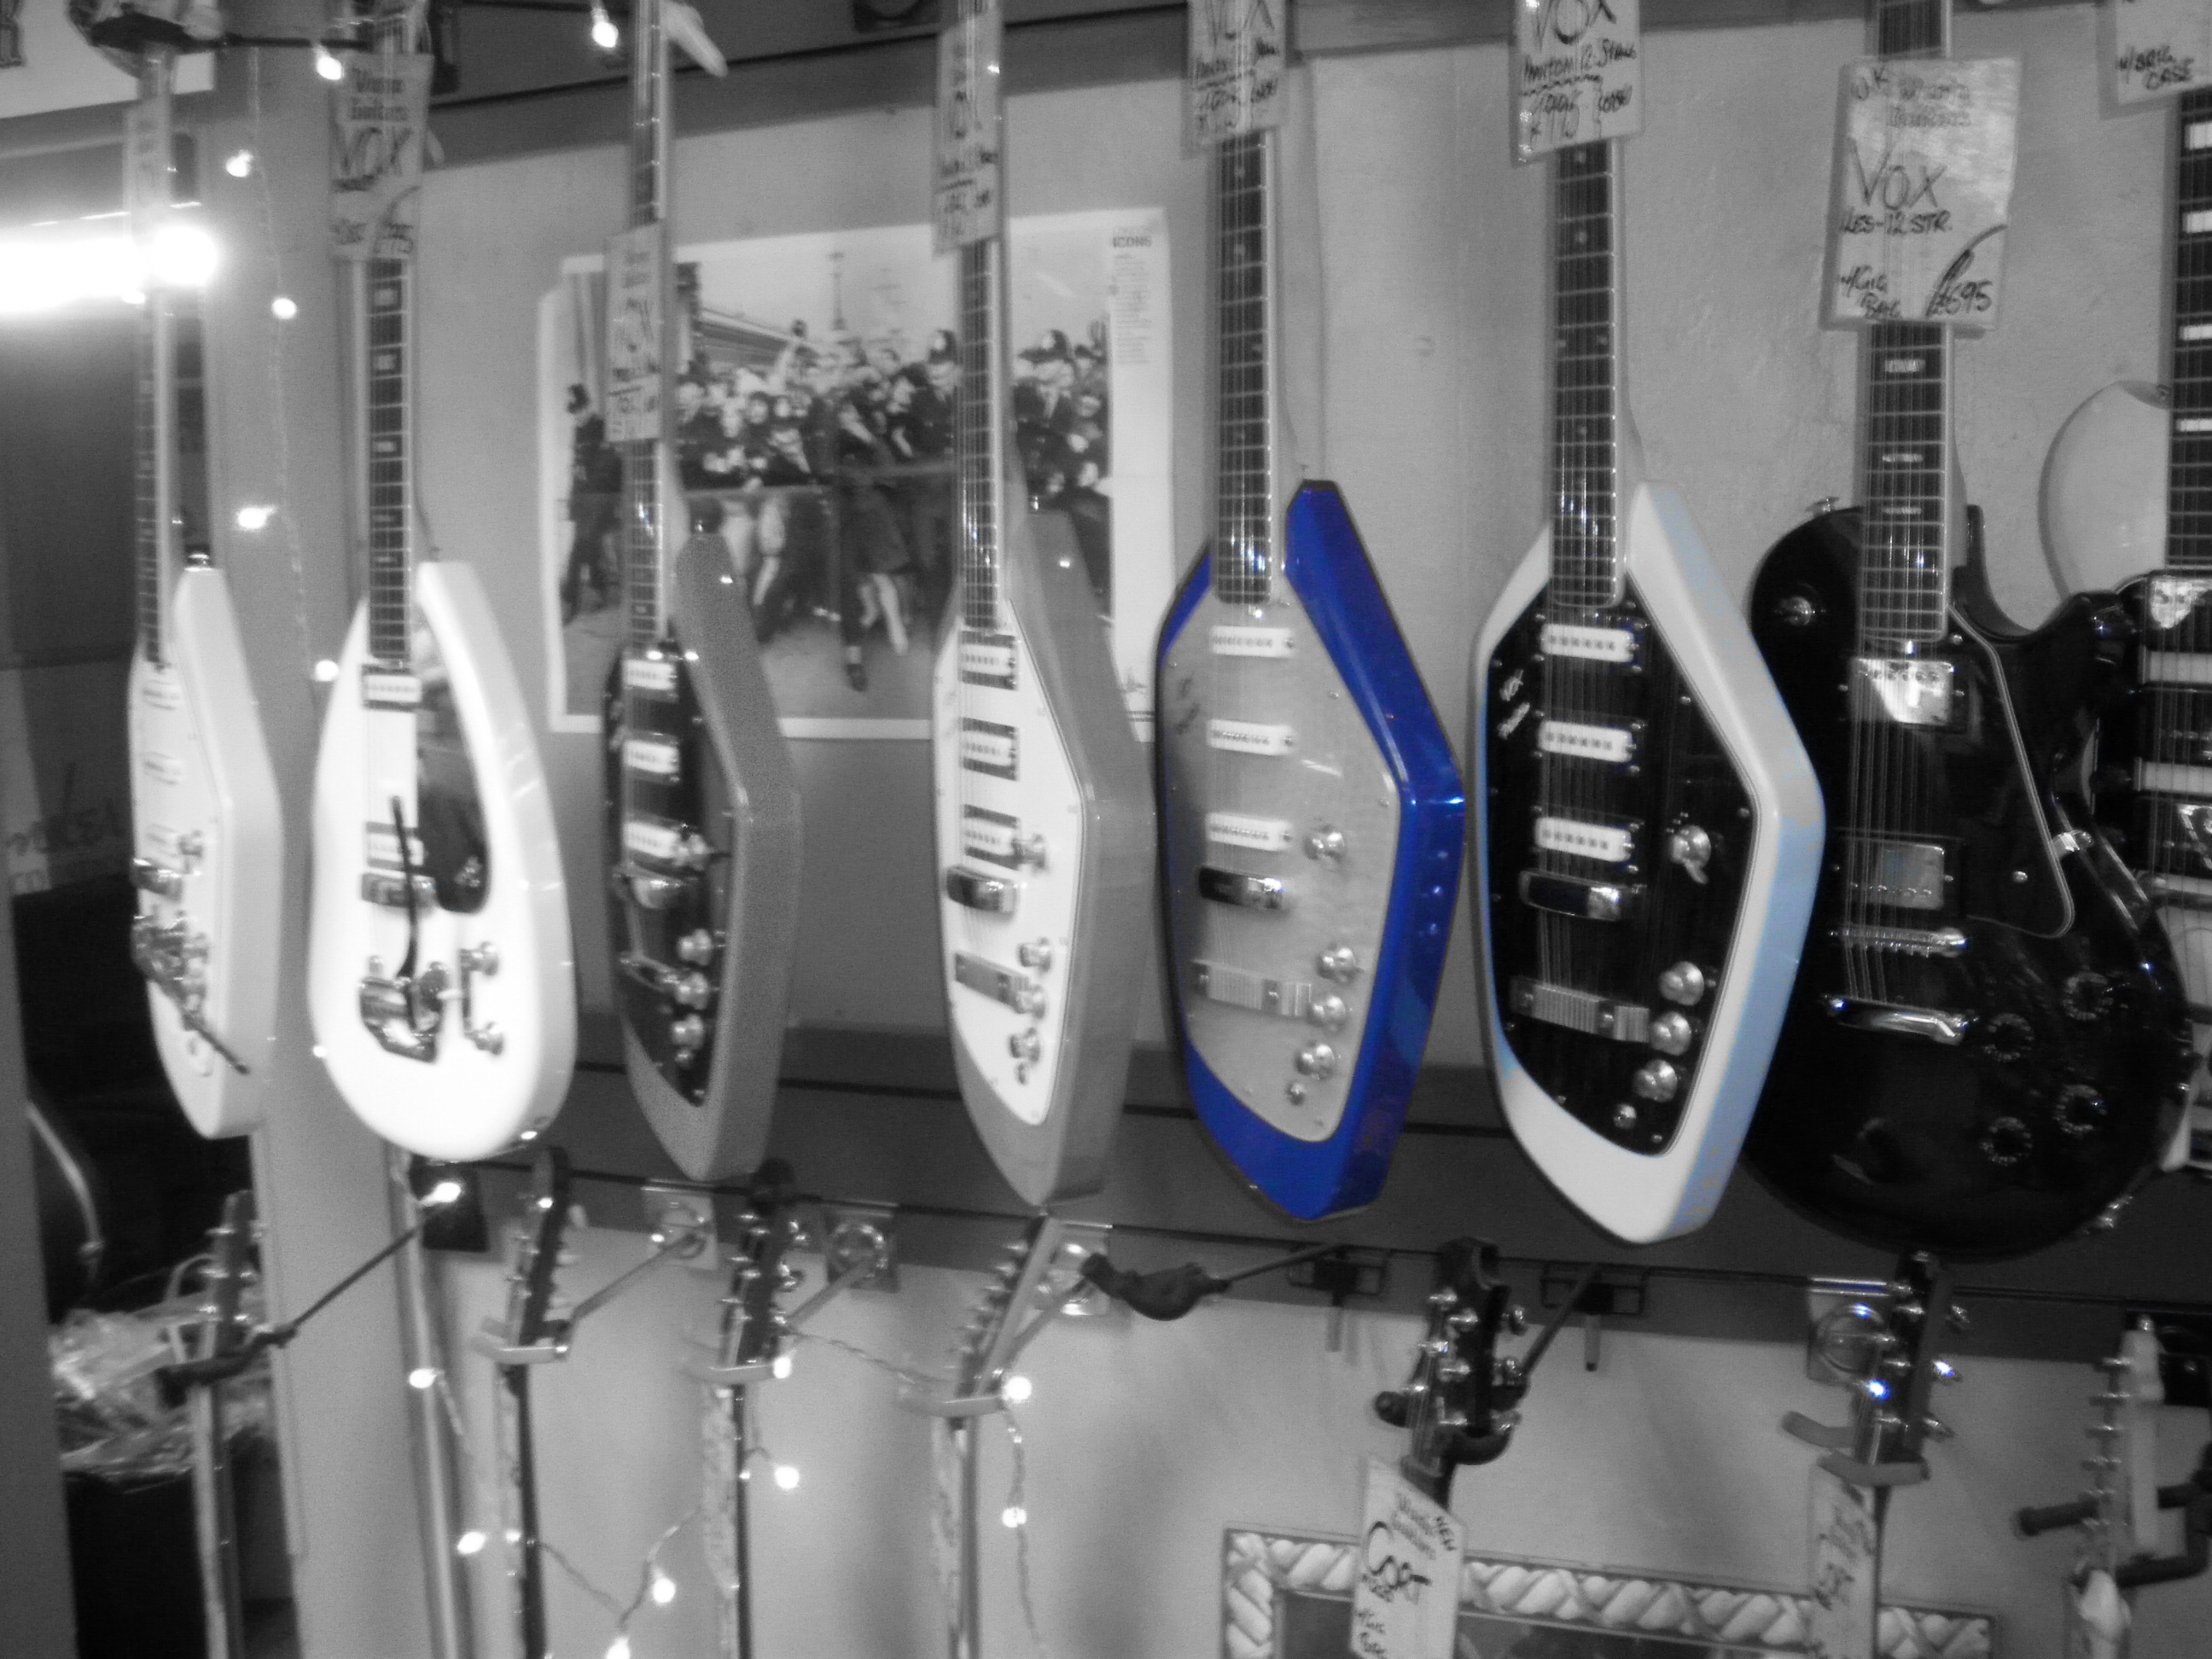 Osta Vox sähkökitaroita Meillä on laaja valikoima Vox sähkökitaroita, joissa on monia Vox kitaramalleja.